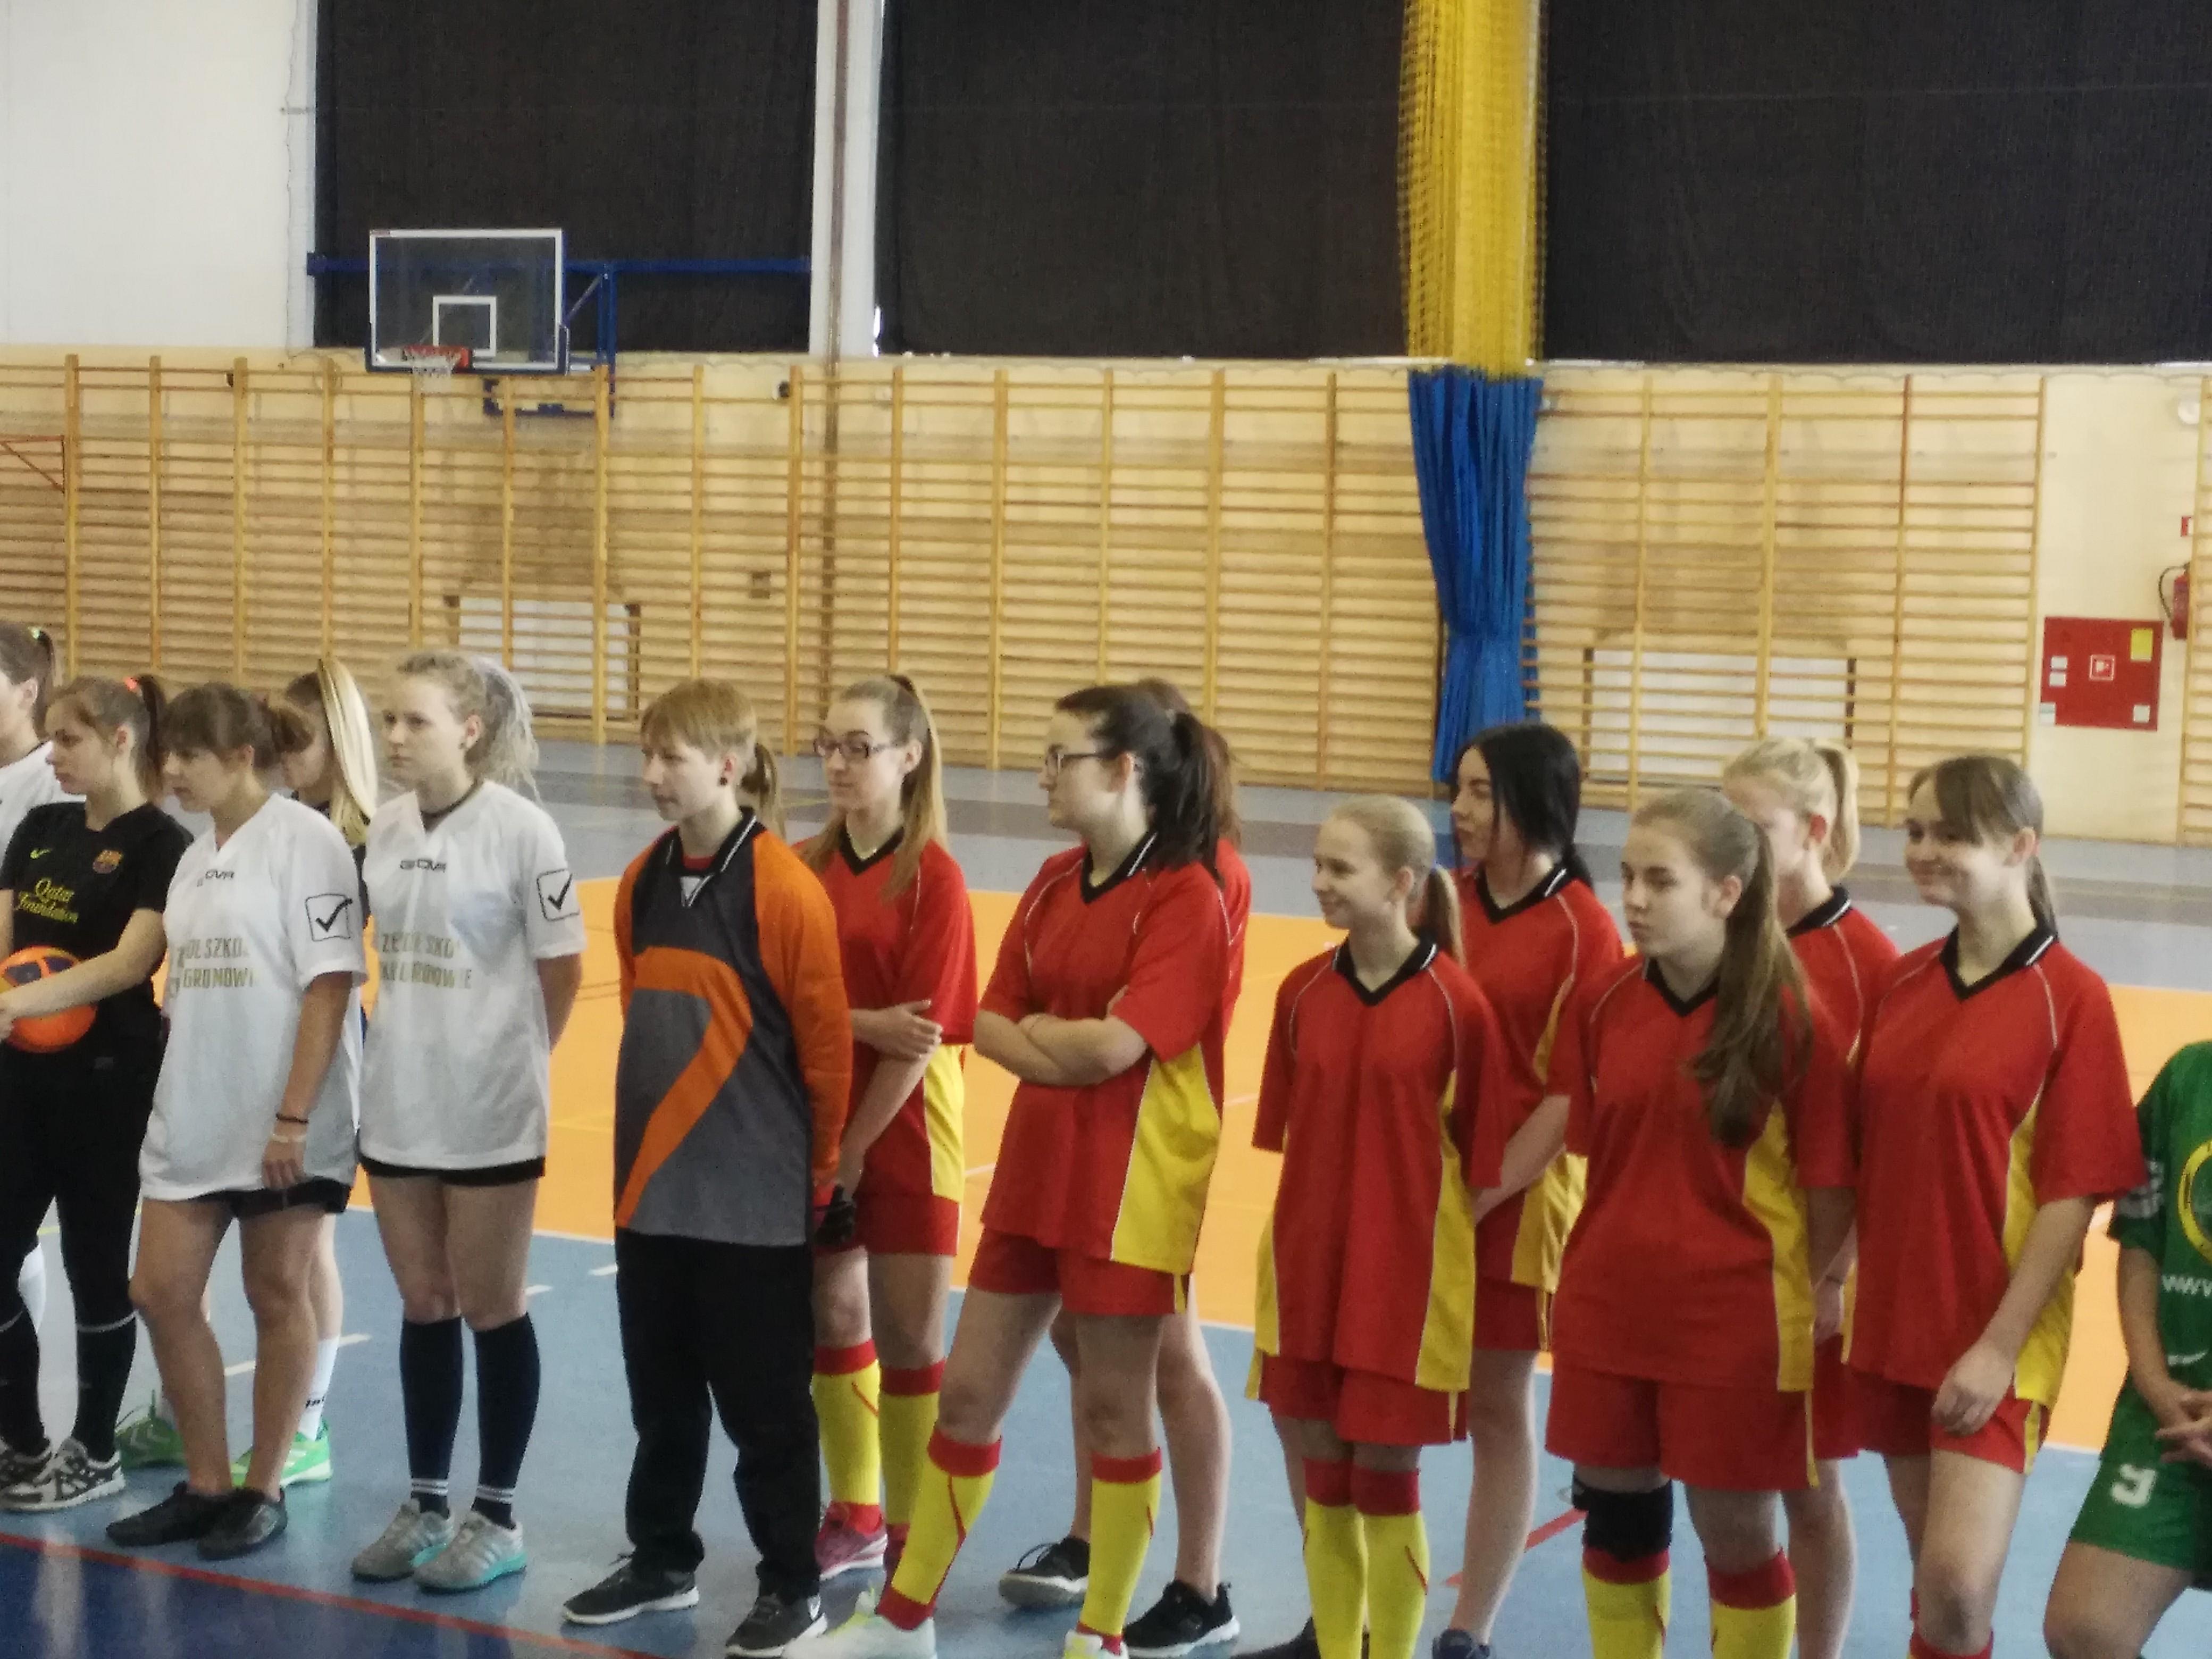 II Turniej Piłki Nożnej Dziewcząt o Puchar Dyrektora Centrum Kształcenia Zawodowego i Ustawicznego w Brodnicy